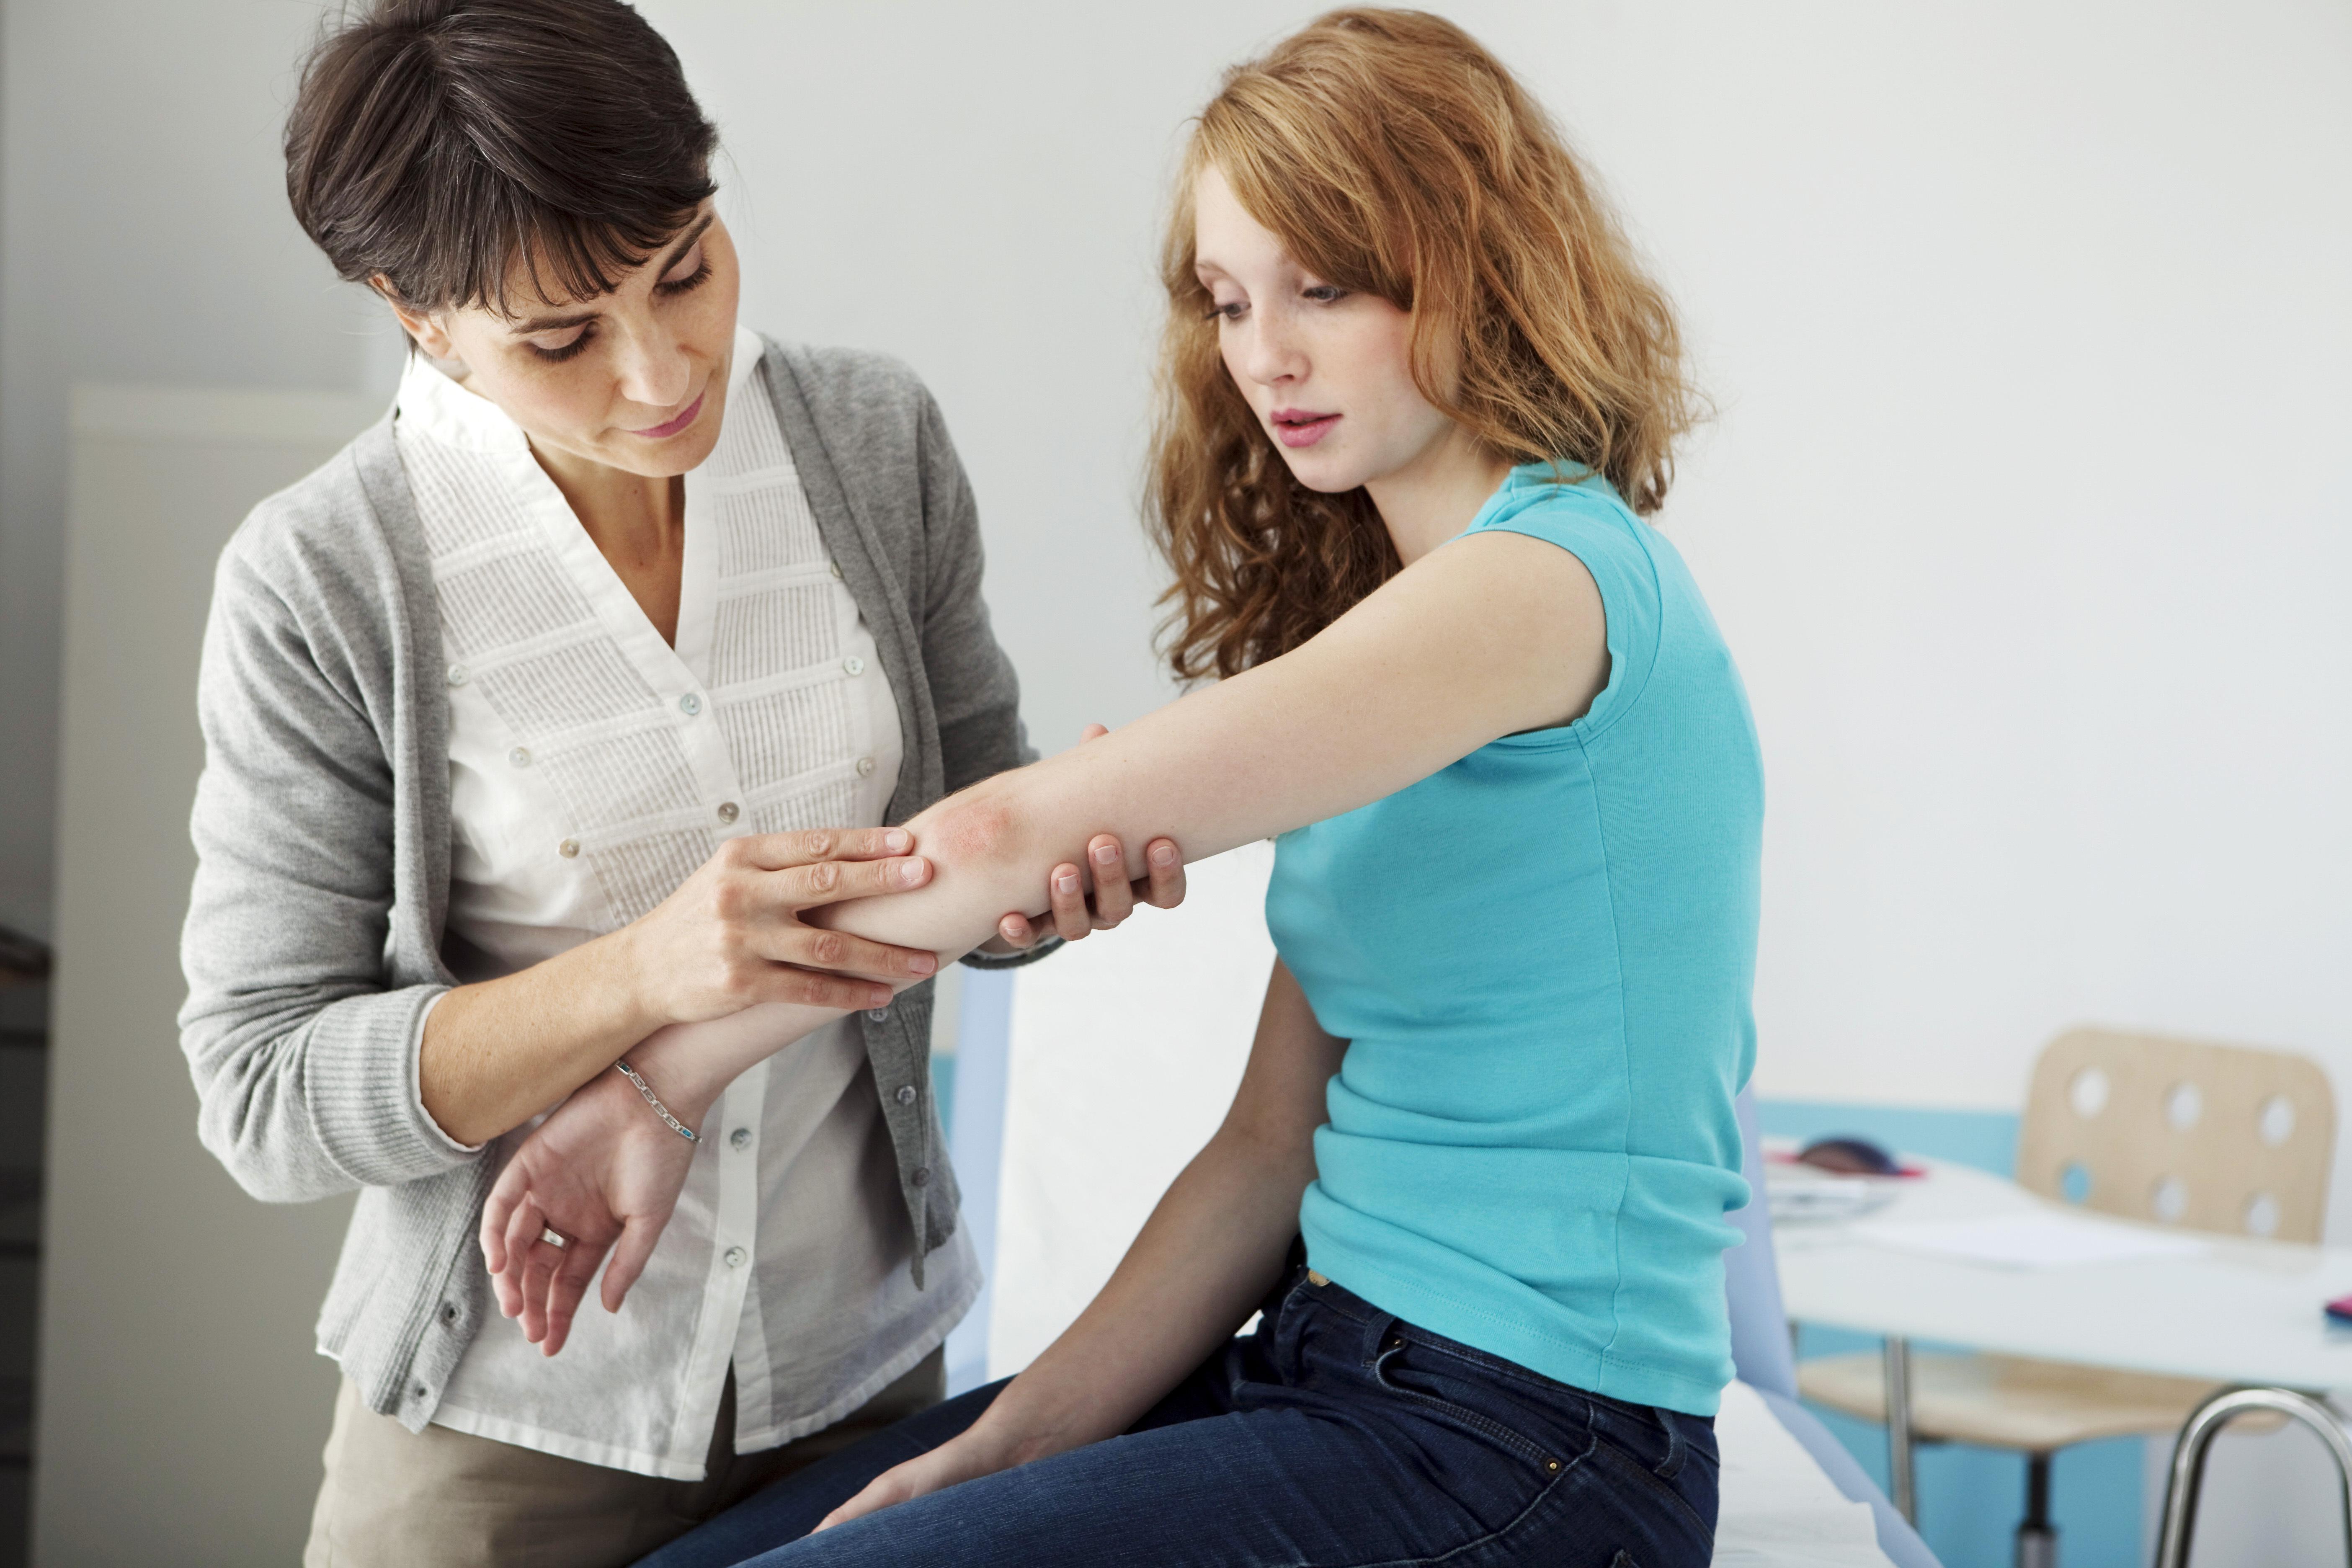 De nationella riktlinjerna för psoriasisvård bör gälla över hela landet för att fungera menar bland annat Psoriasisförbundet.